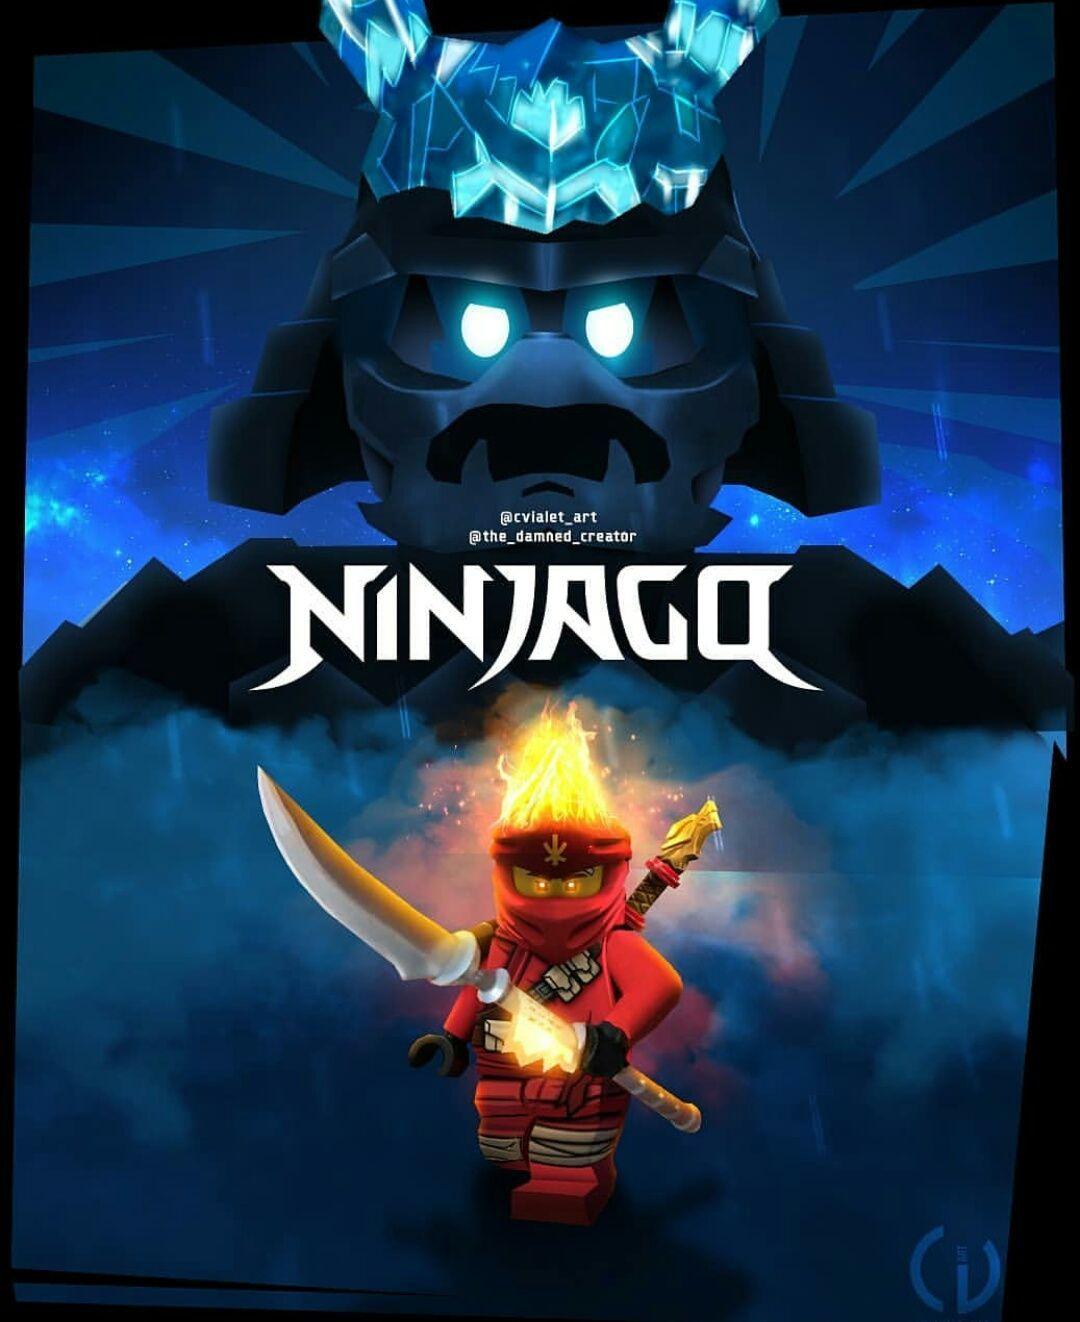 Lego Ninjago Staffel 11 In 2020 Lego Ninjago Lego Ninjago